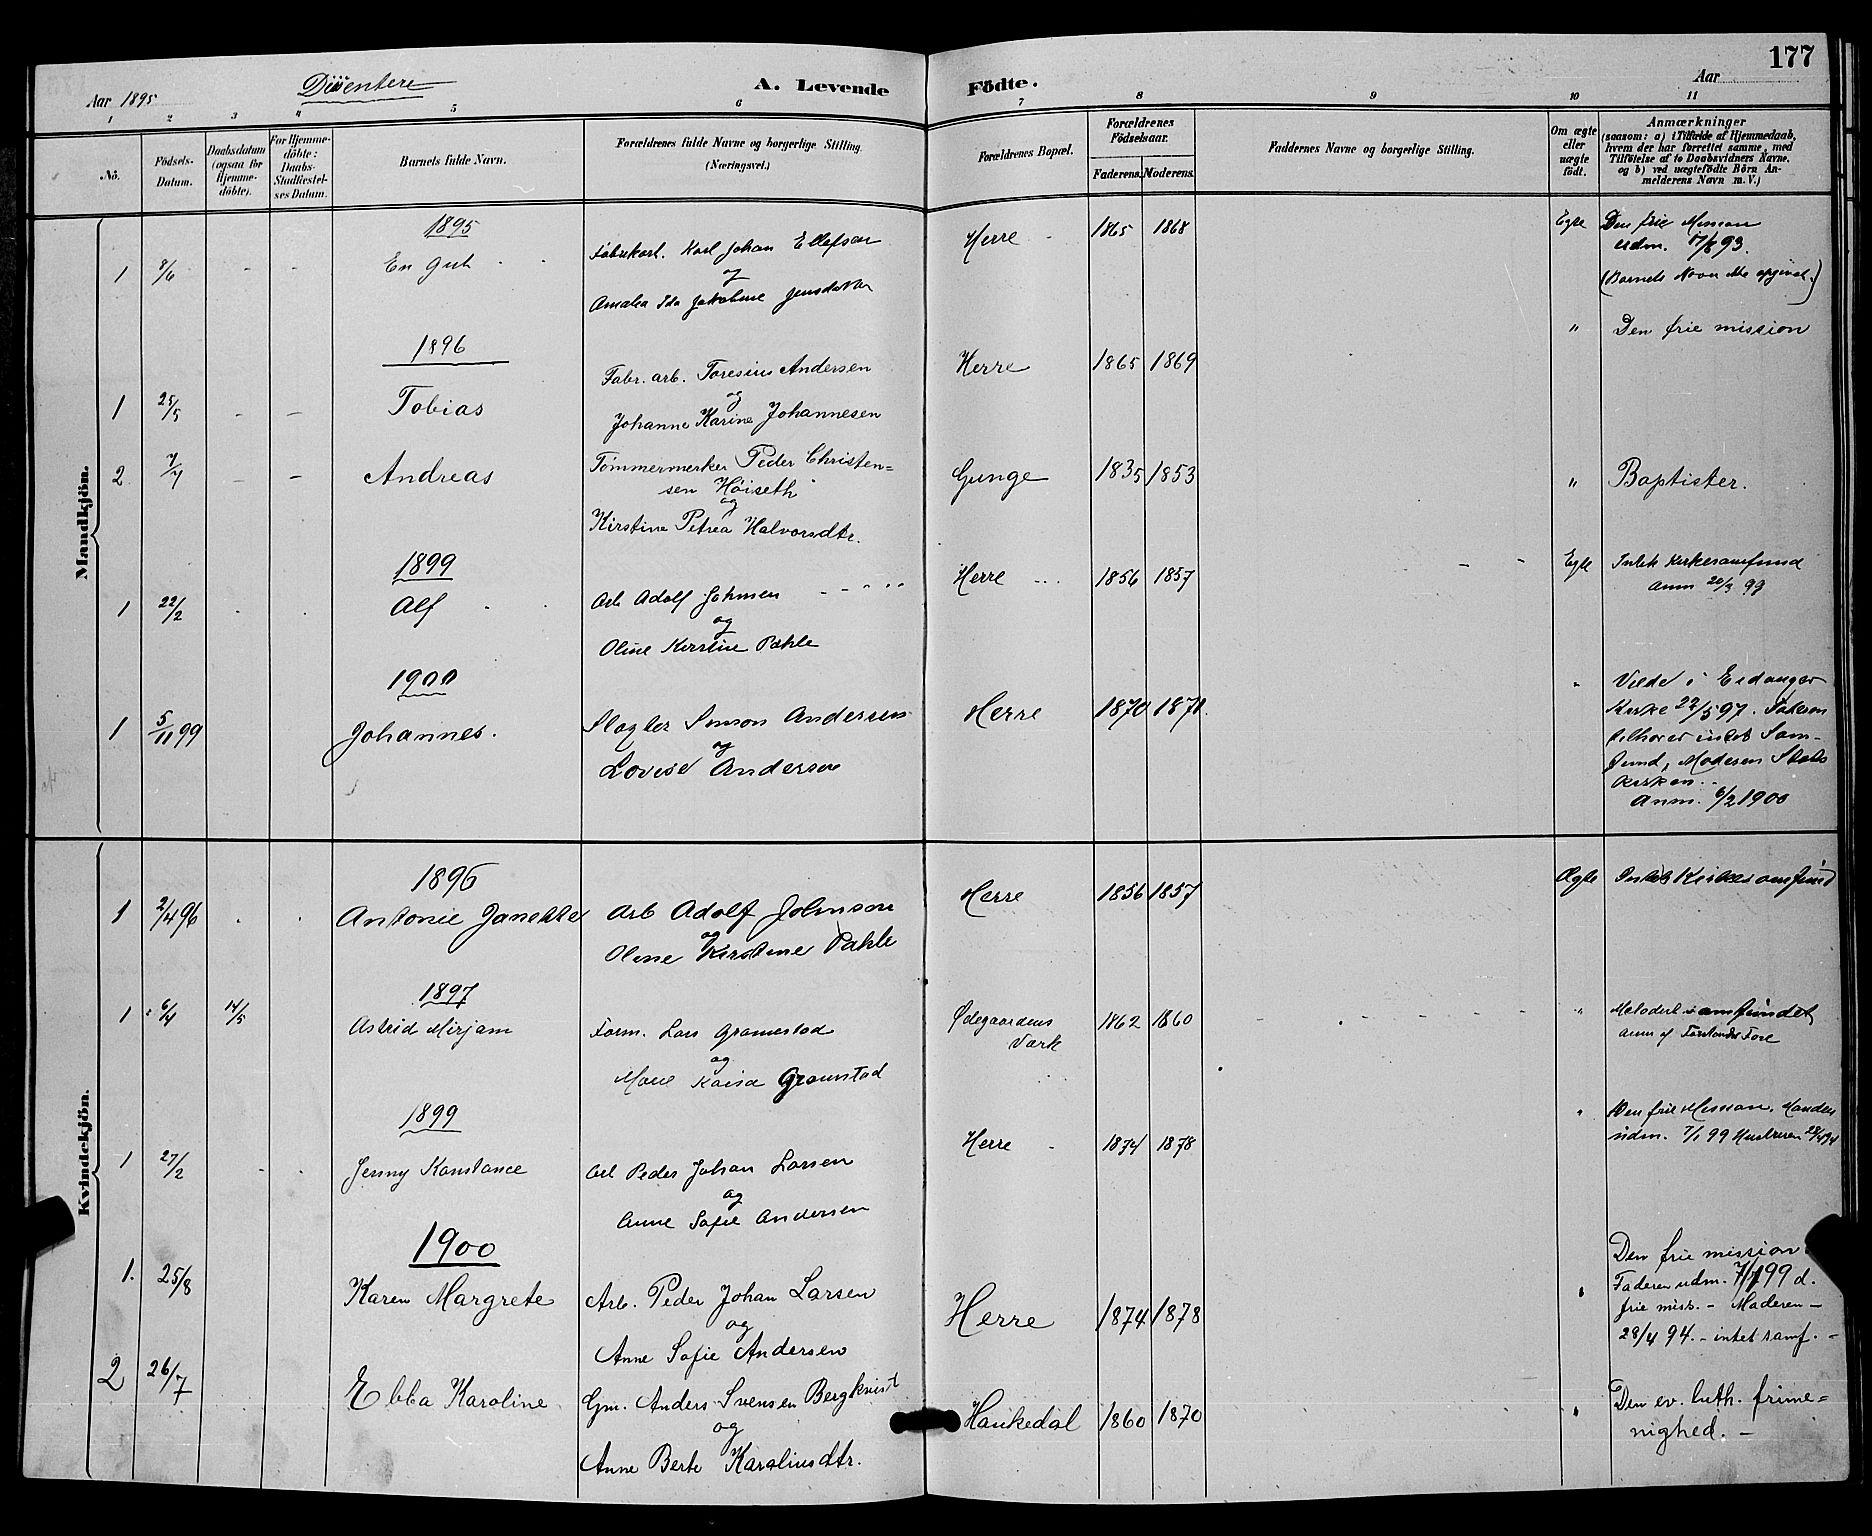 SAKO, Bamble kirkebøker, G/Ga/L0009: Klokkerbok nr. I 9, 1888-1900, s. 177